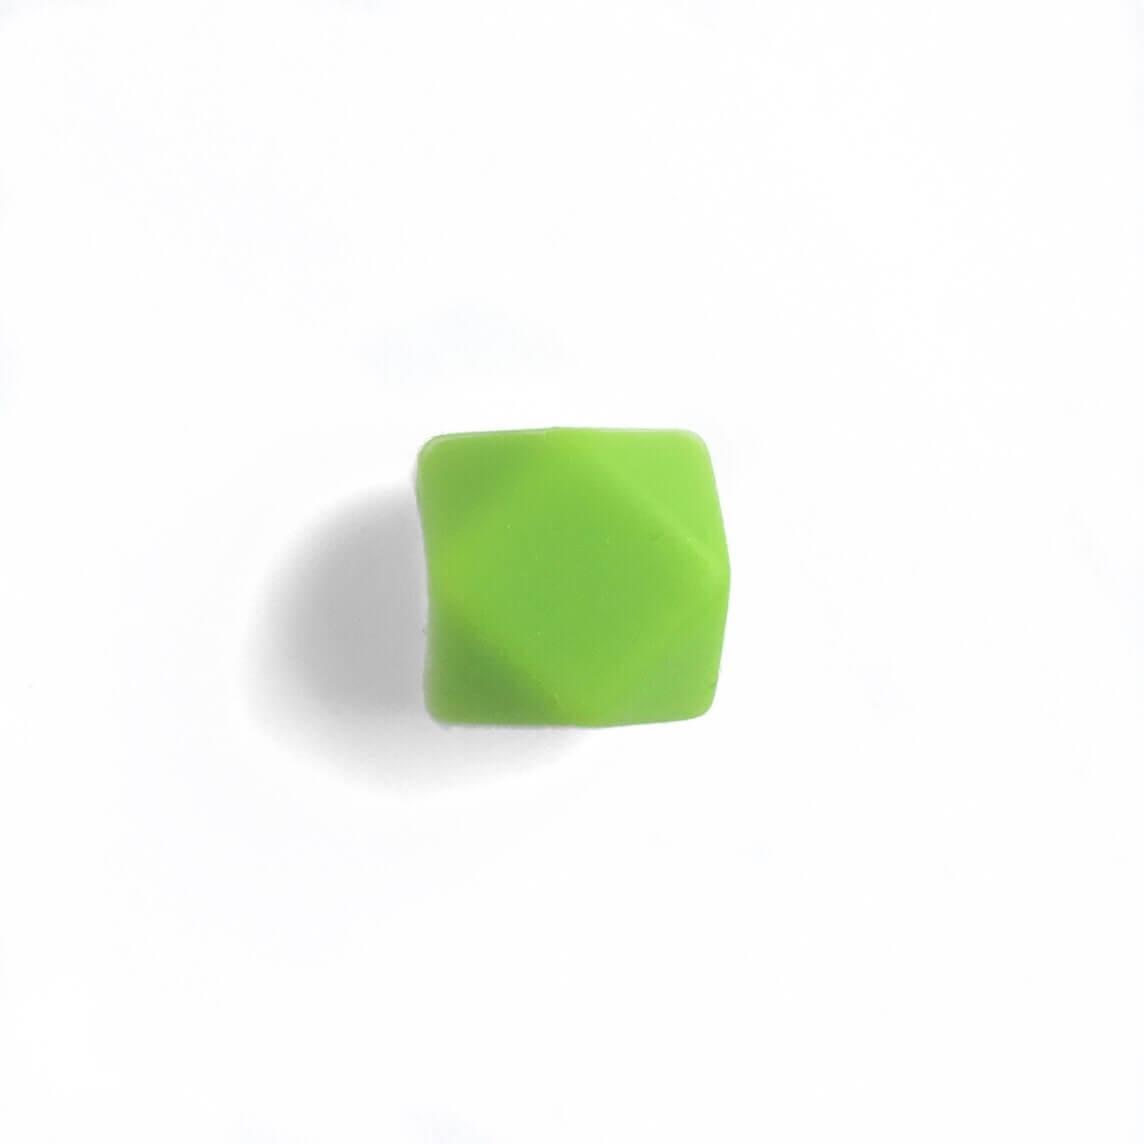 МИНИ гексагон (зеленый) 14мм, силиконовая бусина